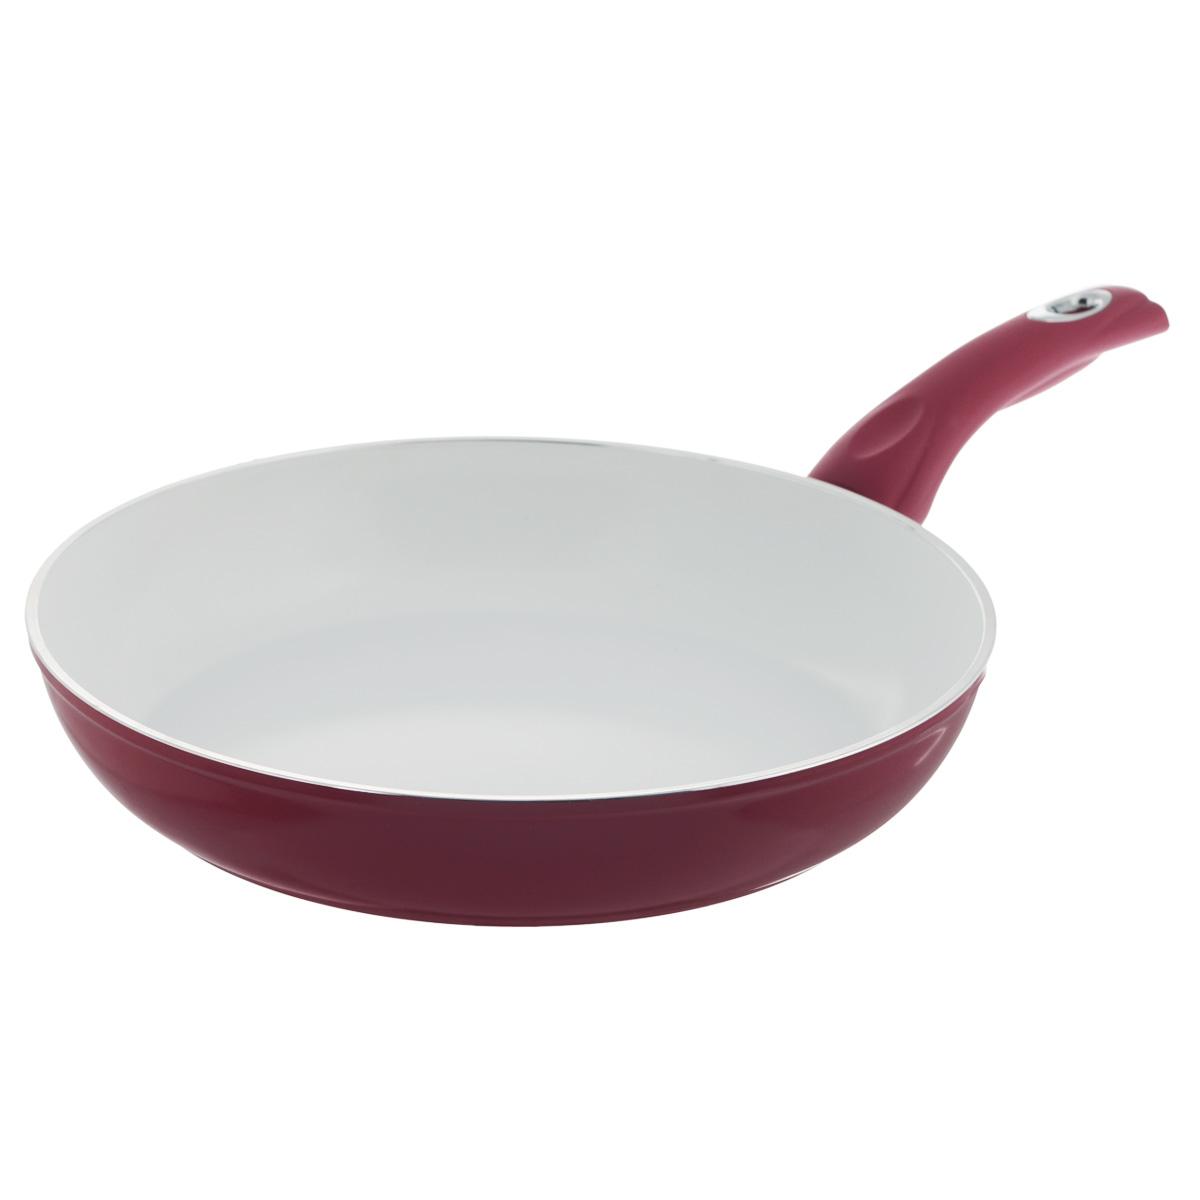 Сковорода Bialetti с керамическим покрытием, цвет: красный. Диаметр 30 см68/5/4Сковорода Bialetti выполнена из жесткого анодированного алюминия с керамическим покрытием. Алюминий - металл прочнее стали, обладает отличными антипригарными свойствами, высокой теплопроводностью. Вам потребуется меньше времени и меньший температурный режим для готовки, т.к. эта посуда нагревается быстрее и сильнее, чем традиционная. Рукоятка специального дизайна, удобна и комфортна в эксплуатации, не нагревается. Внешнее цветное покрытие устойчиво к воздействию высоких температур.Сковорода предназначена для здорового и экологичного приготовления пищи. Пища не пригорает и не прилипает к стенкам. Абсолютно гладкая поверхность легко моется. При производстве посуды Bialetti не используются опасные для окружающей среды компоненты (такие как PFOA), имеющие длительный период распада. Продукцию Bialetti можно использовать на всех типах плит, кроме индукционной. Можно мыть в посудомоечной машине. Высота стенки: 5,5 см. Толщина стенки: 4 мм. Толщина дна: 4 мм. Длина ручки: 20 см. Диаметр основания: 24,5 см.